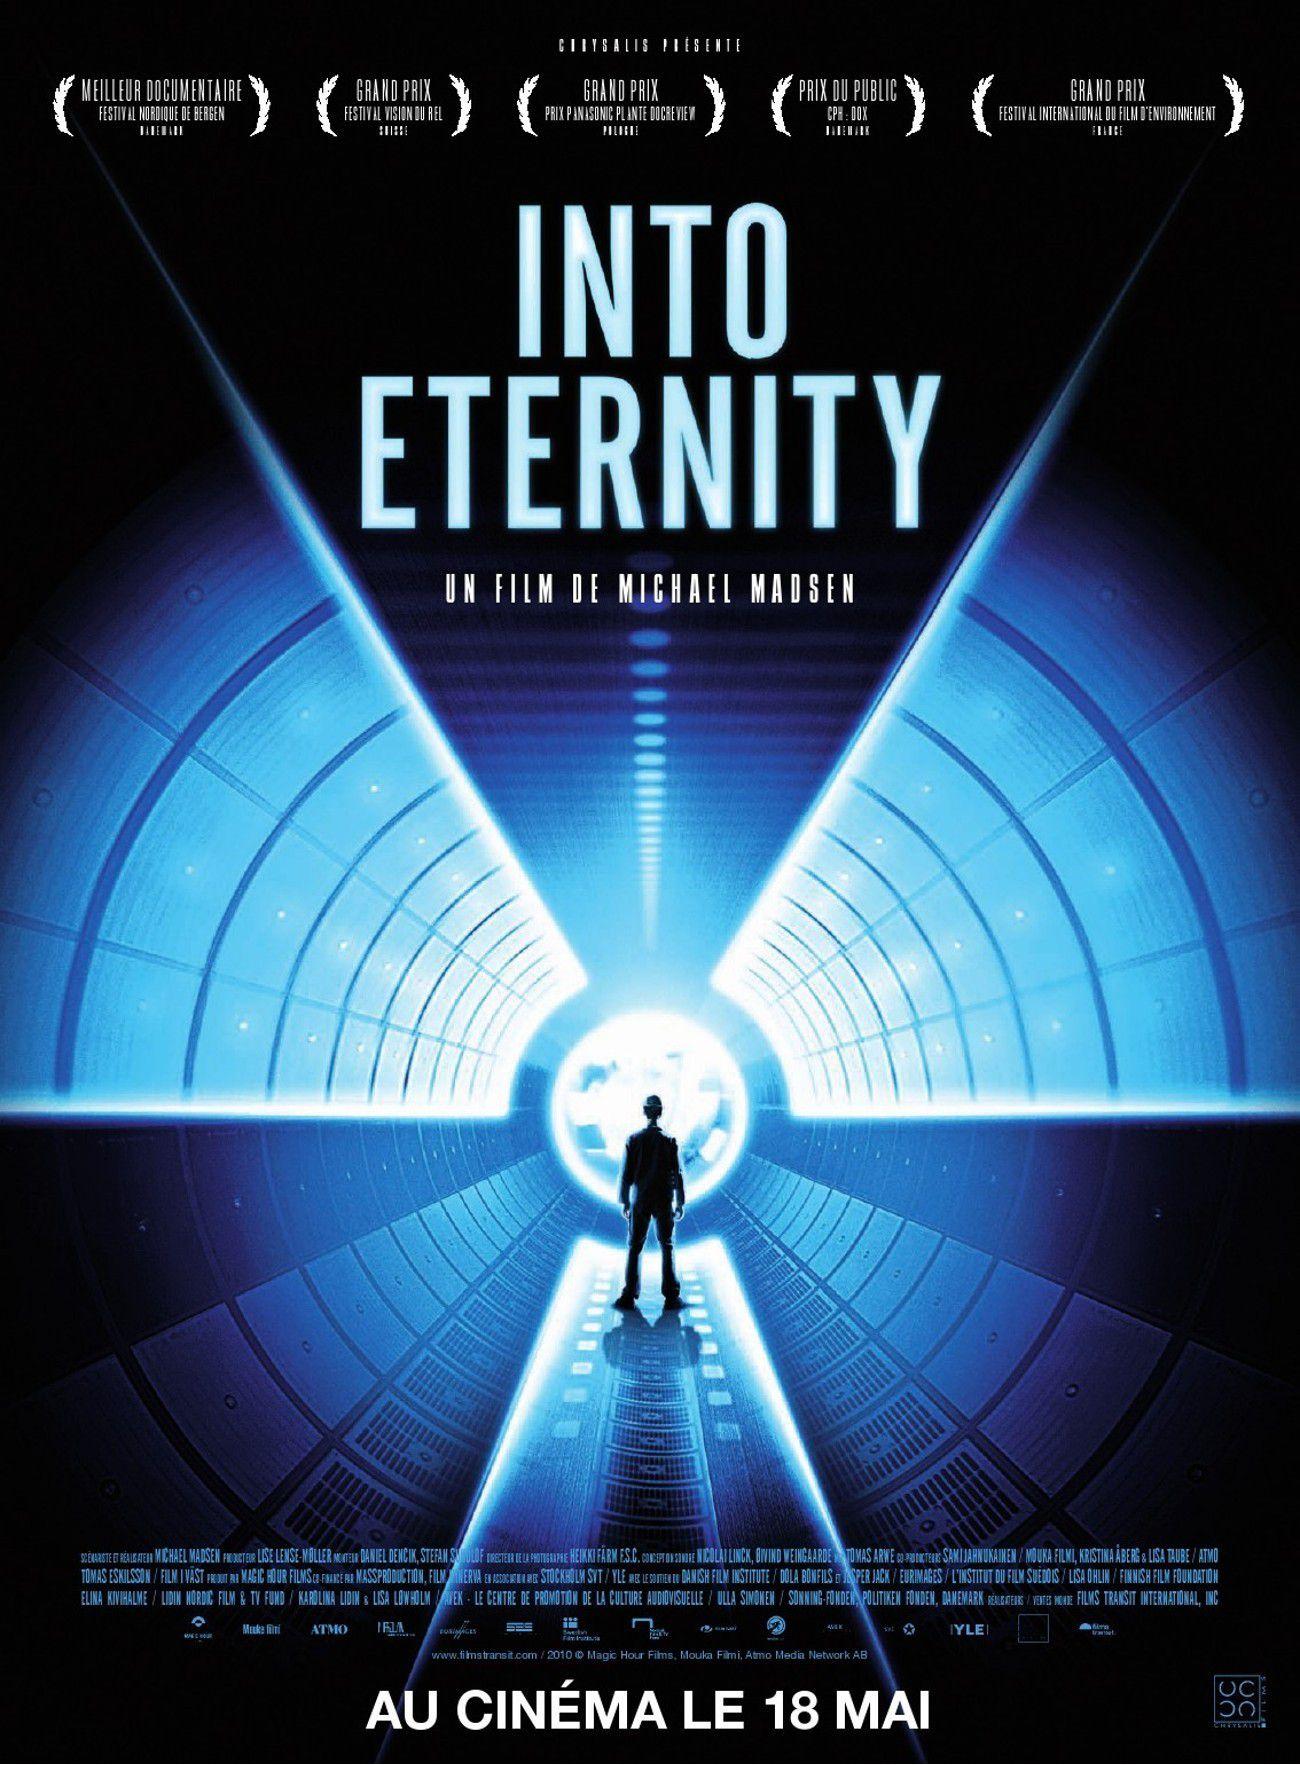 Into Eternity - Documentaire (2011)